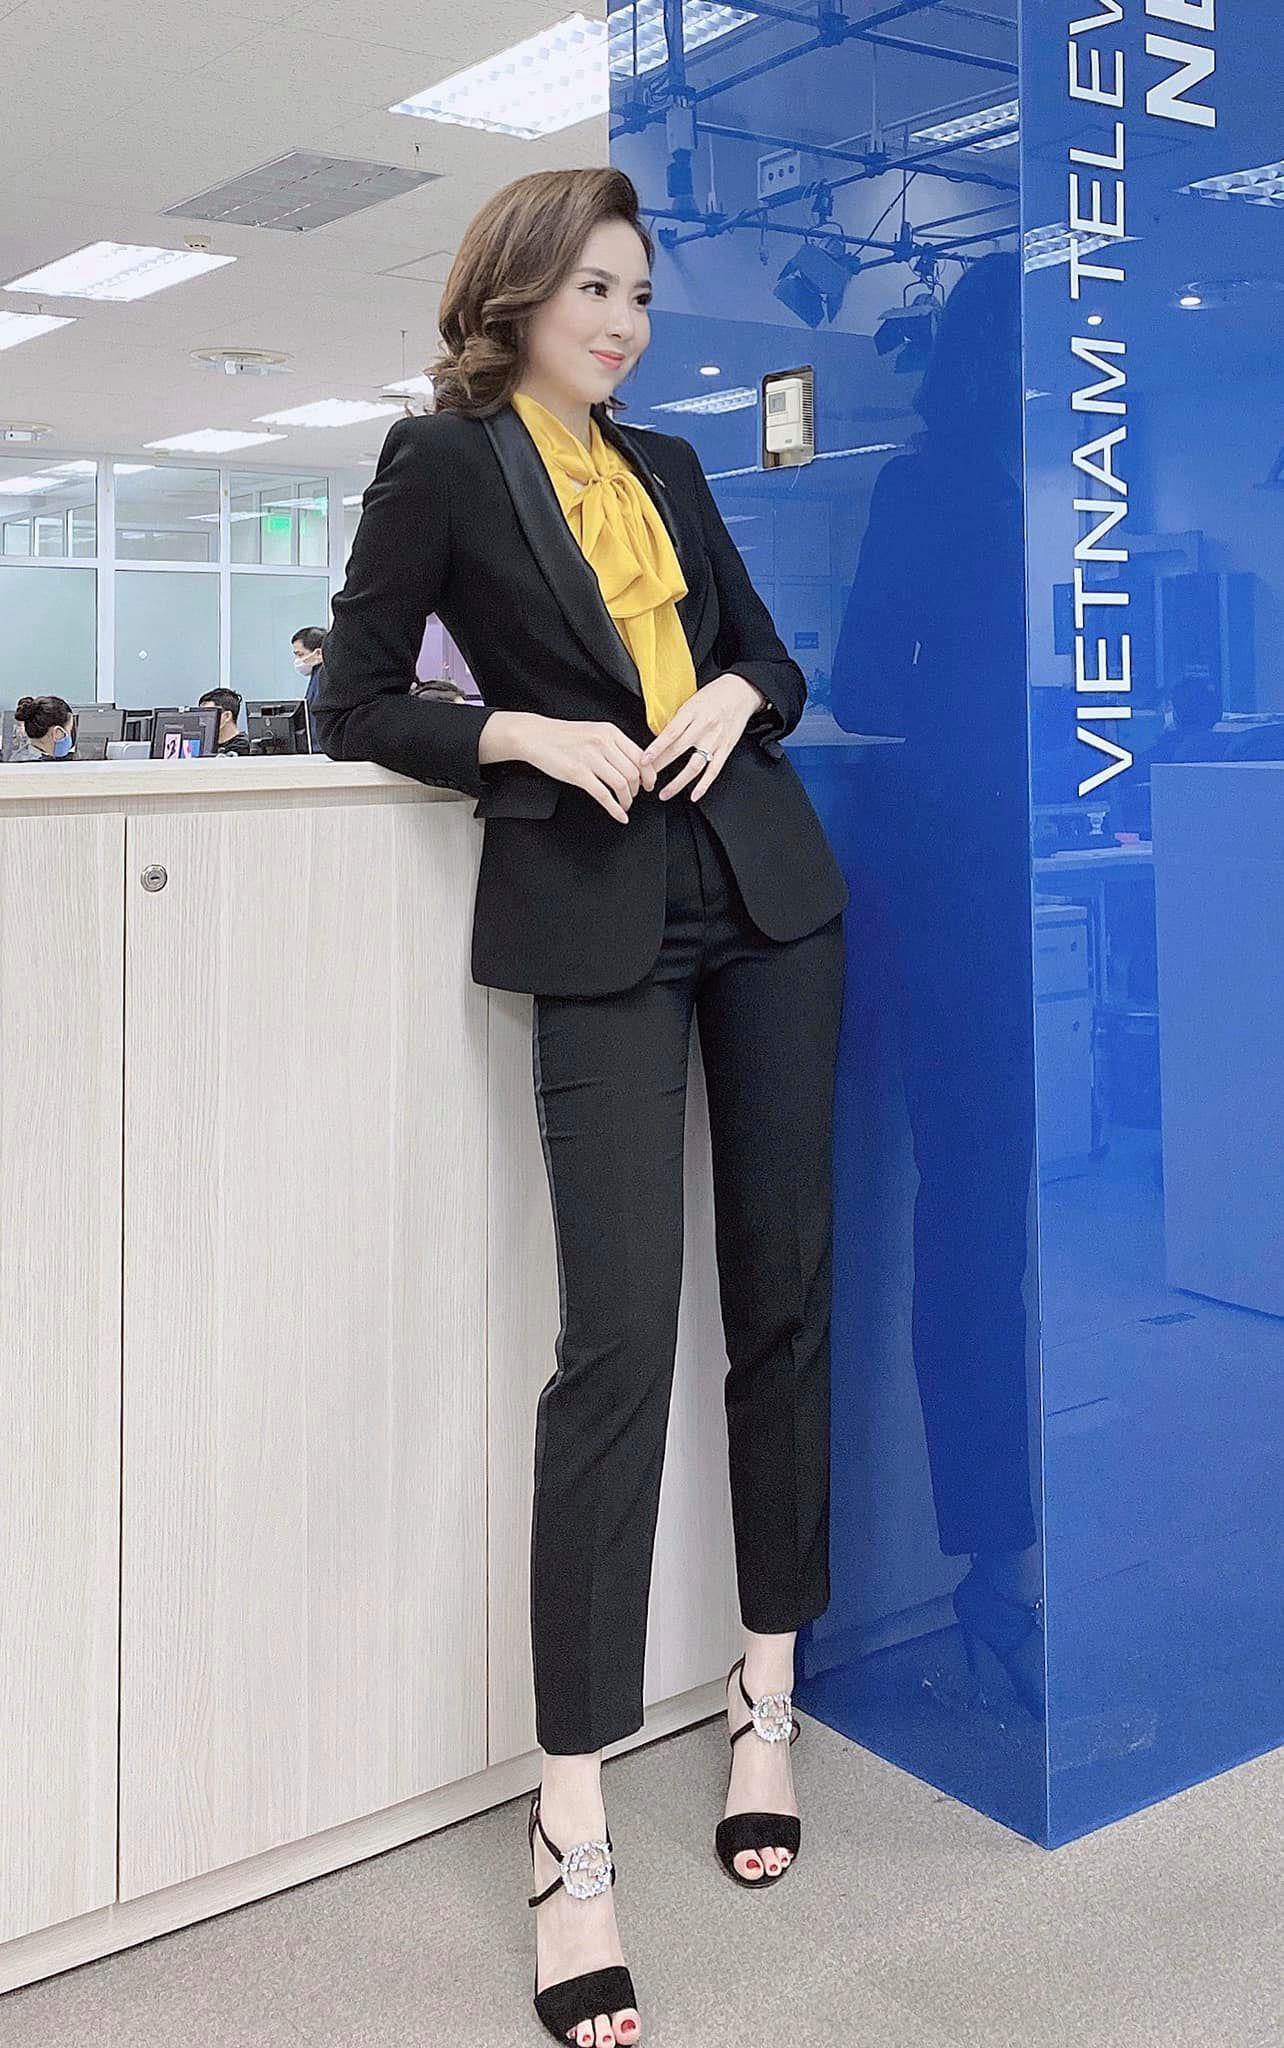 Nhìn MC Mai Ngọc là ra được khối ý tưởng diện lại đồ cũ mà vẫn ghi điểm mặc đẹp trong ngày giao mùa - Ảnh 3.